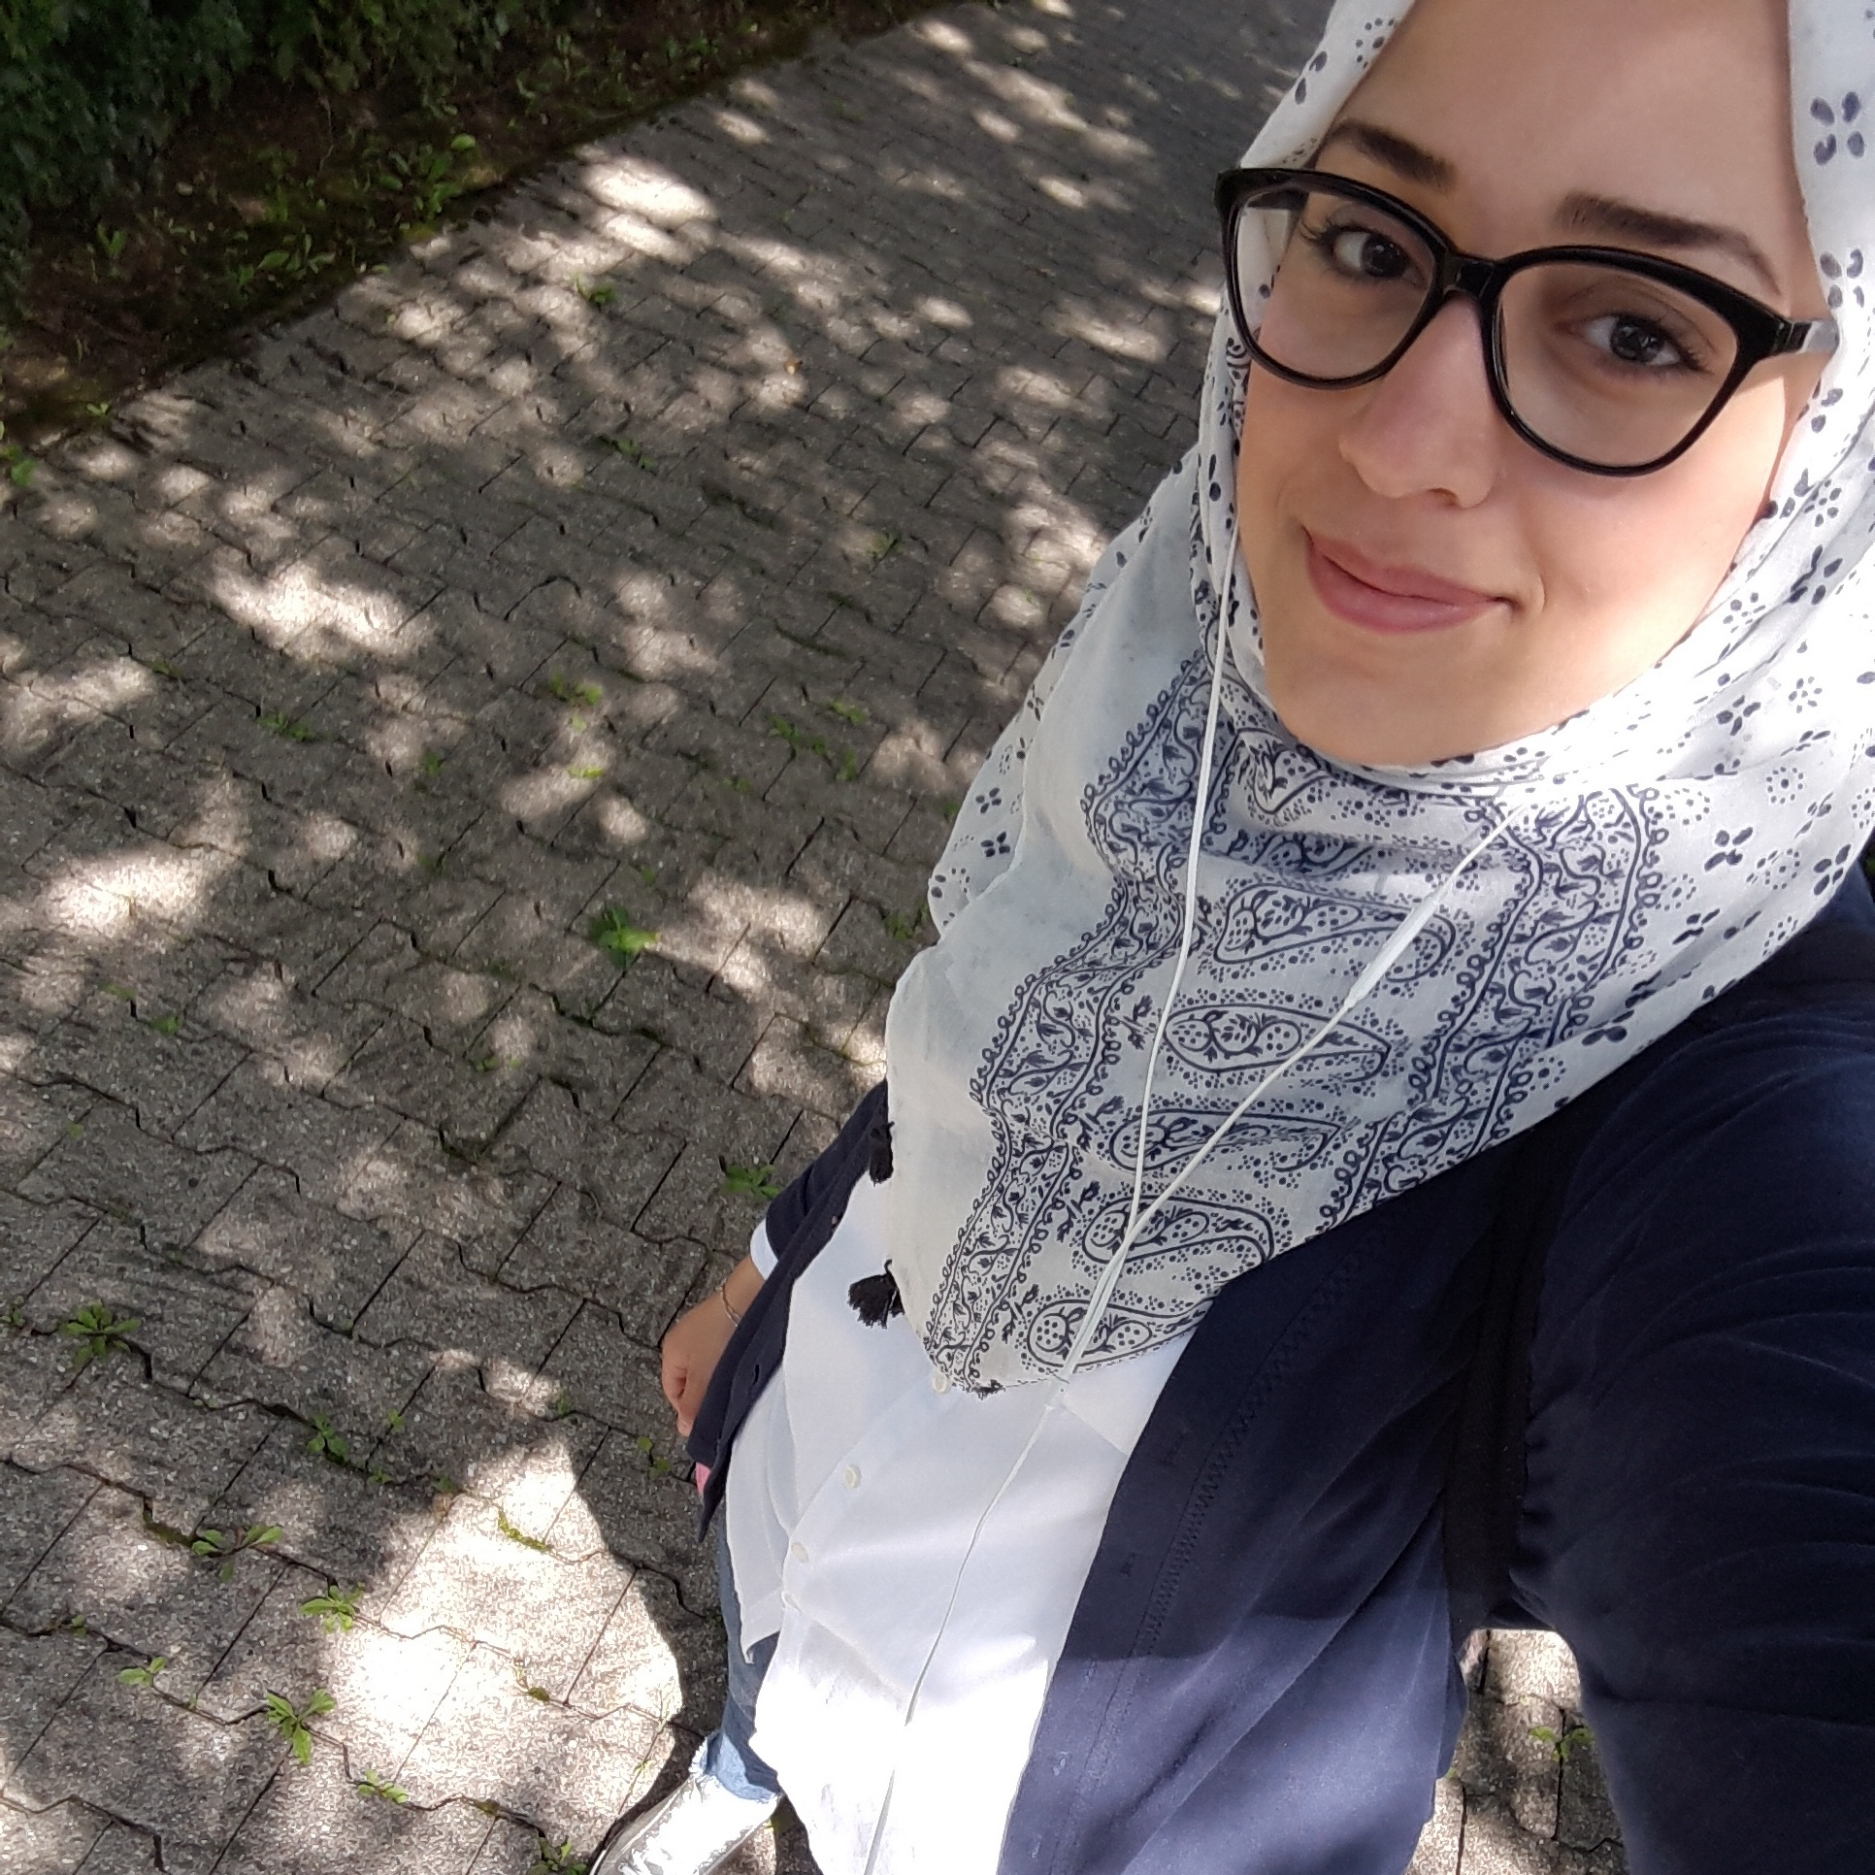 - Ruaa Bain                 Funktion bei WoW e.V.:Abteilung -Kommunikation(Arabisch, Deutsch)Akademische Ausbildung:Chemie und Bioingenieurswesen (B.Sc.)Motivation für WoW e.V.: